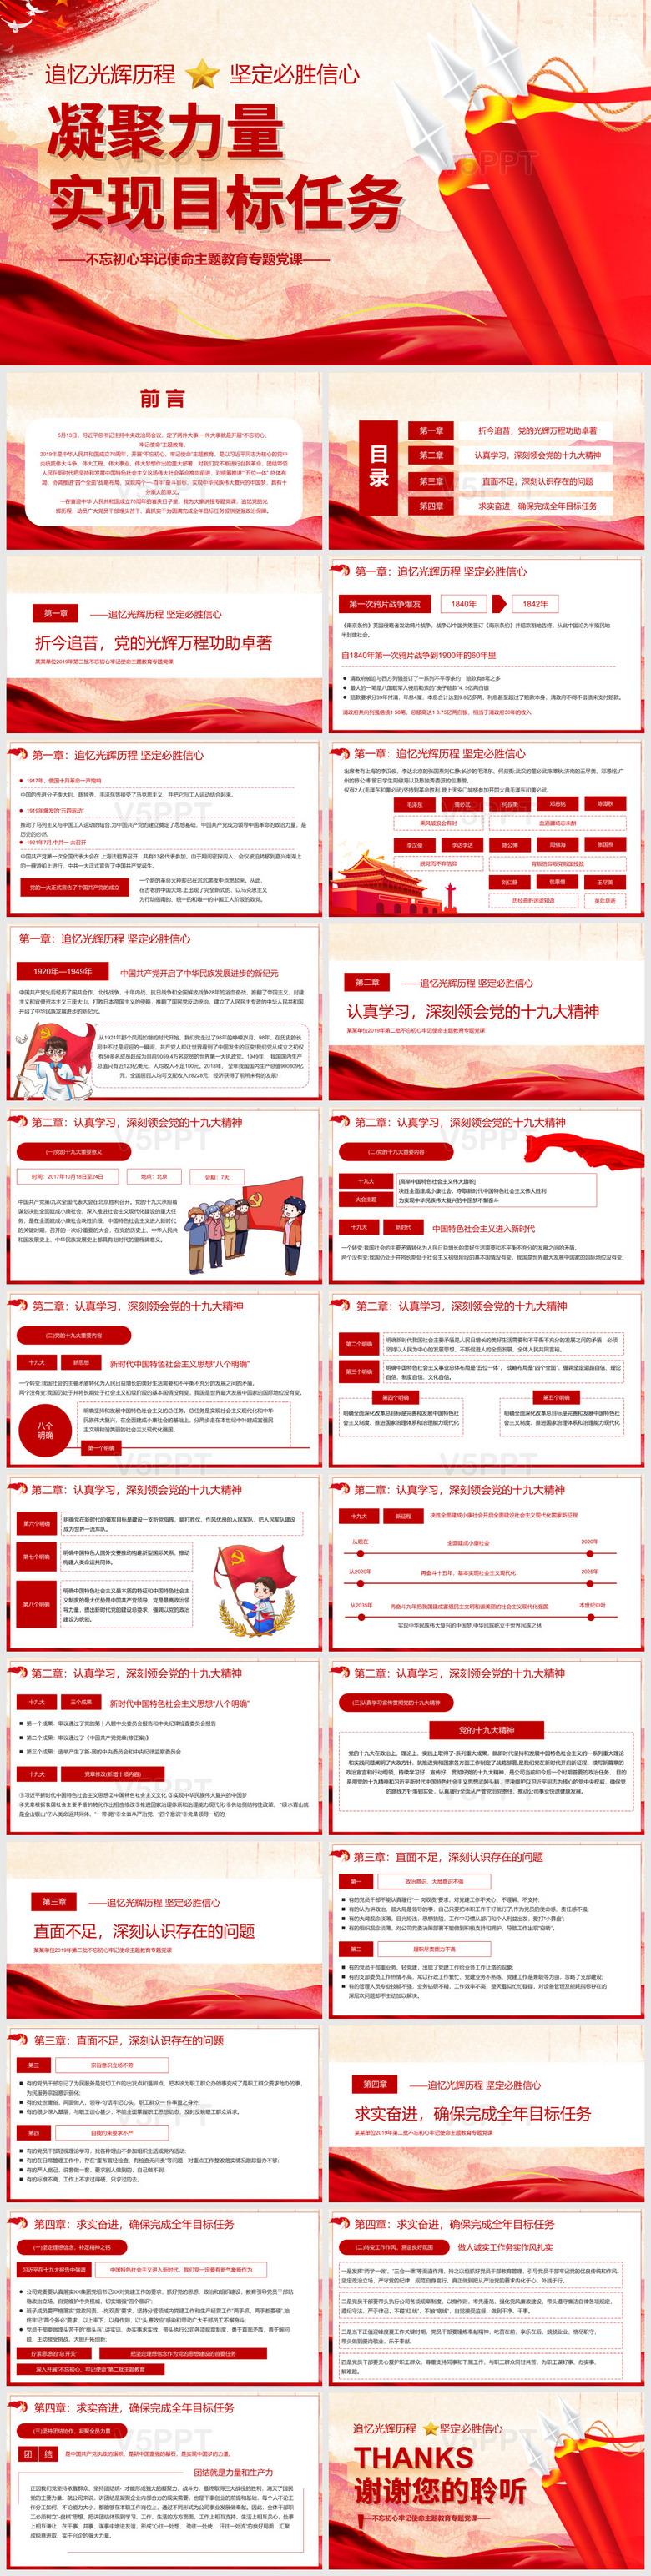 红色系政府党建党员不忘初心牢记使命教育培训课件PPT模板